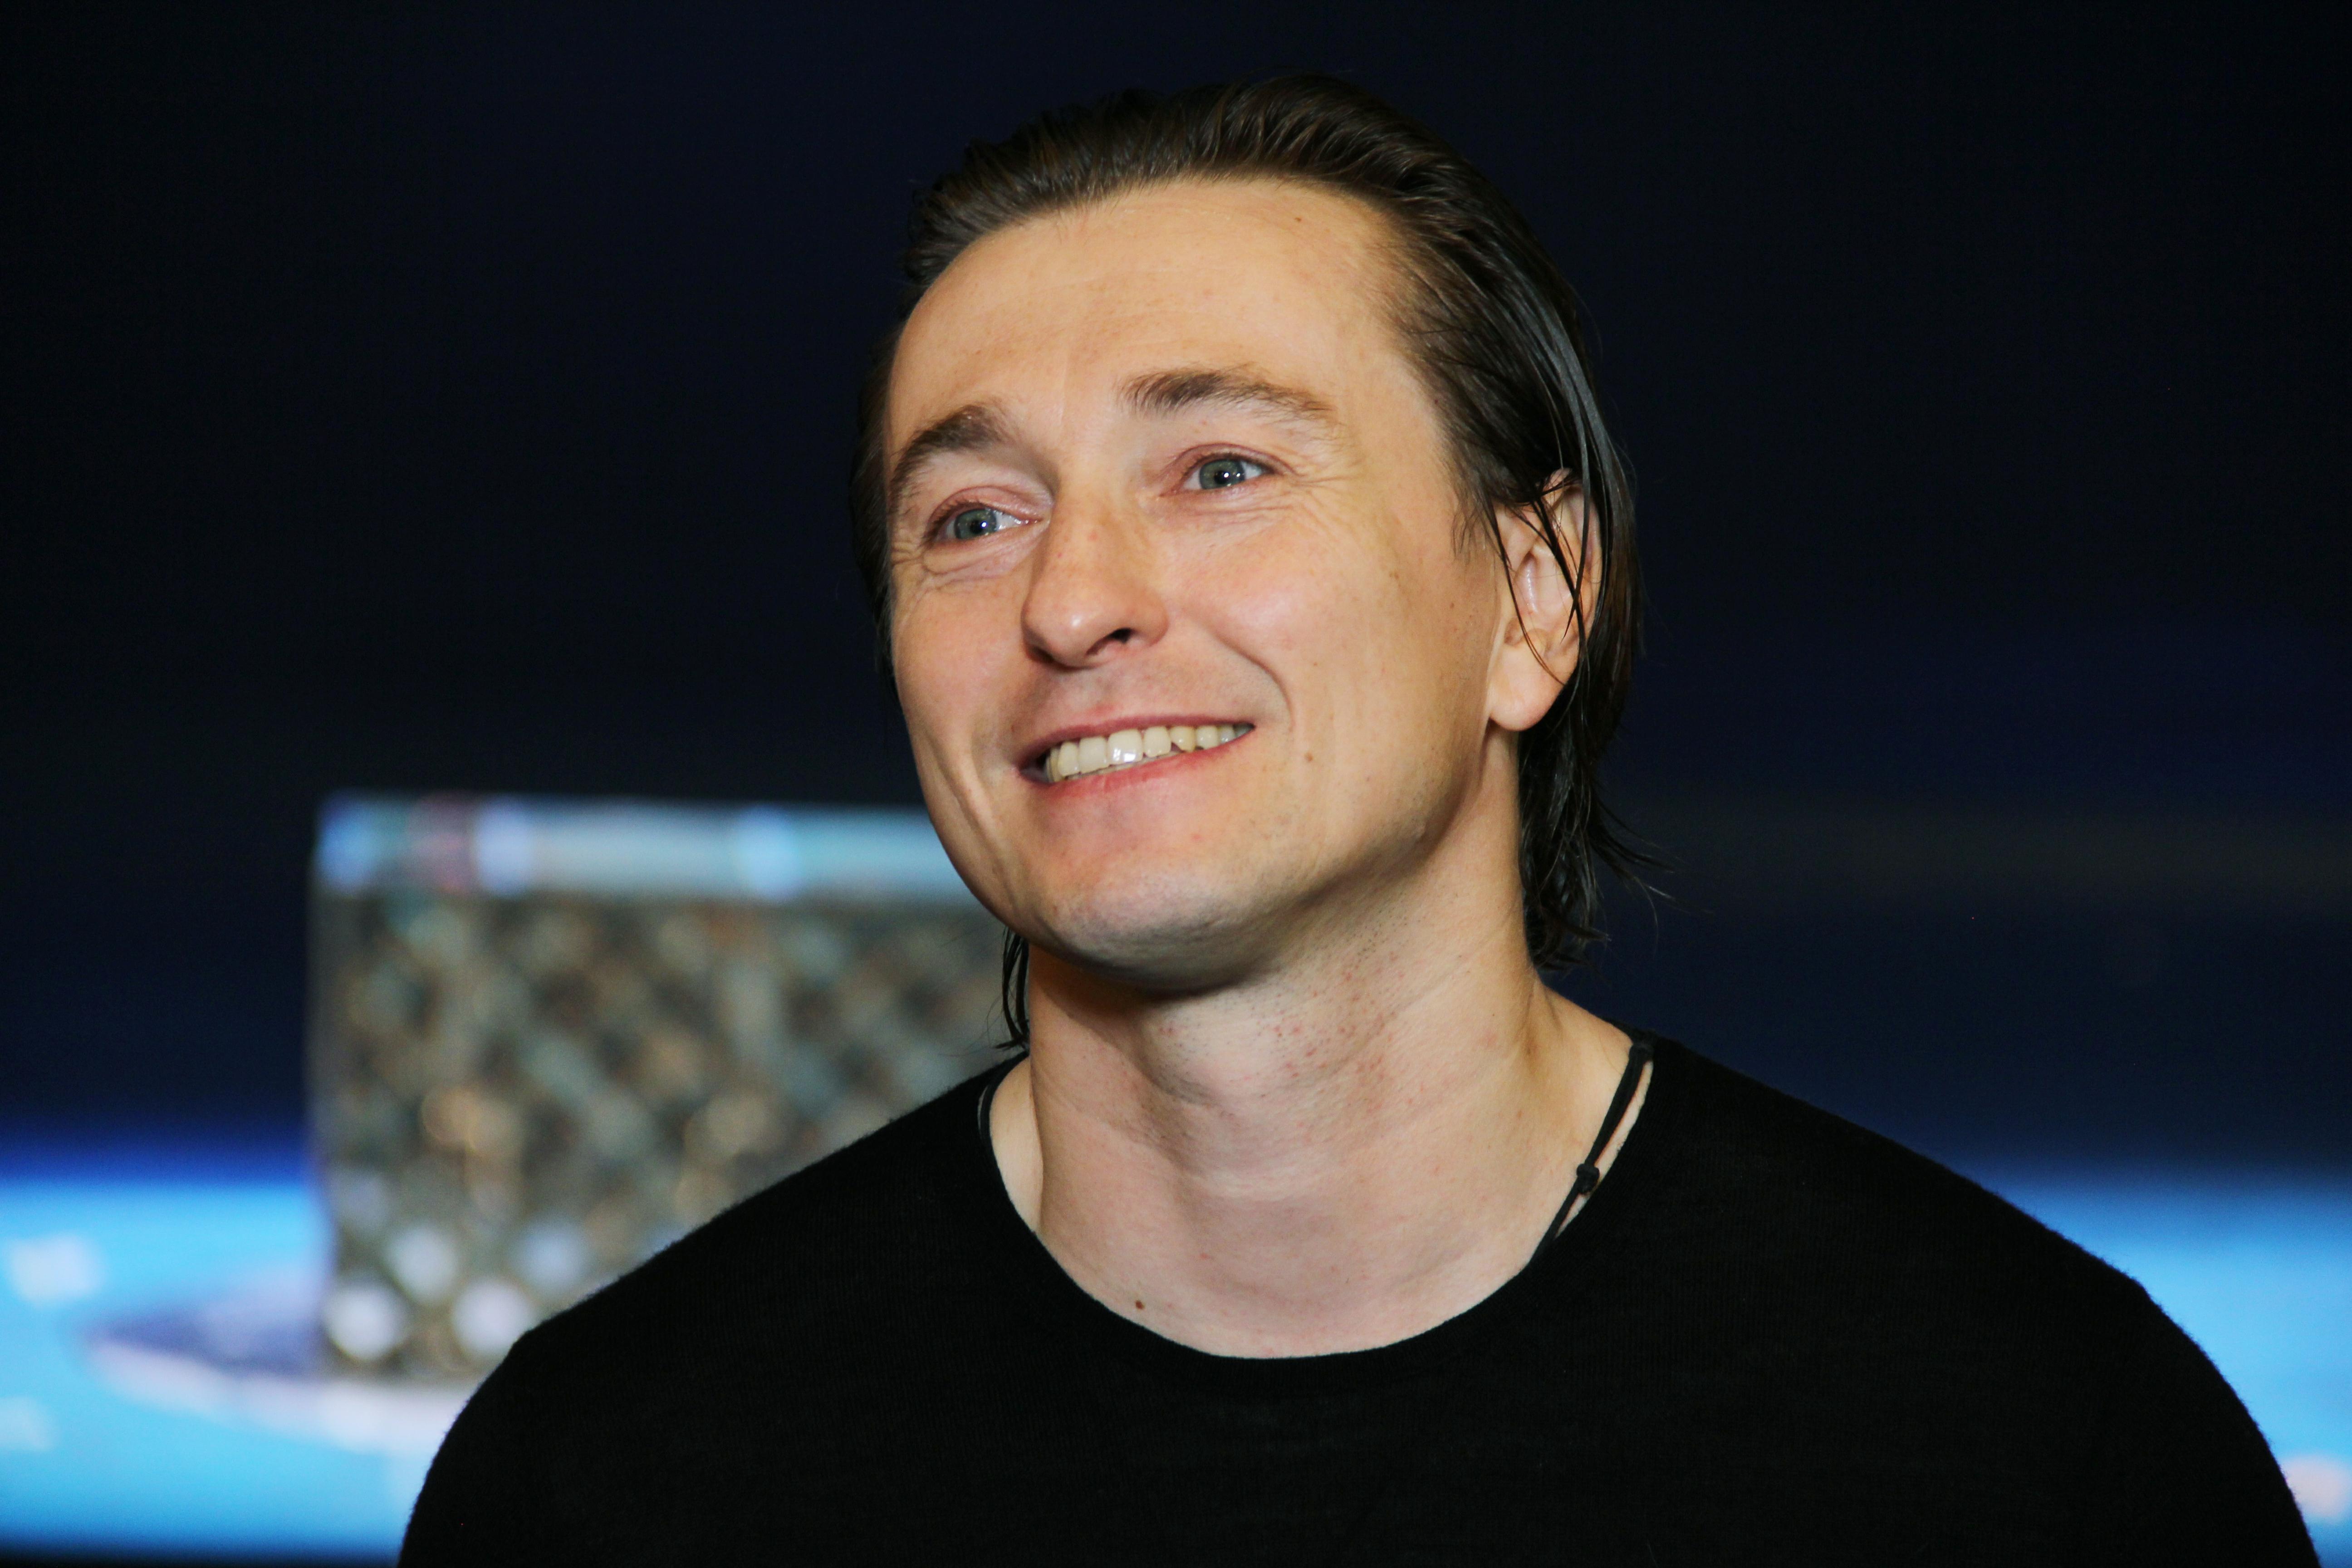 Сергей Безруков подтвердил, что кроме дочери Машеньки унего еще есть дети